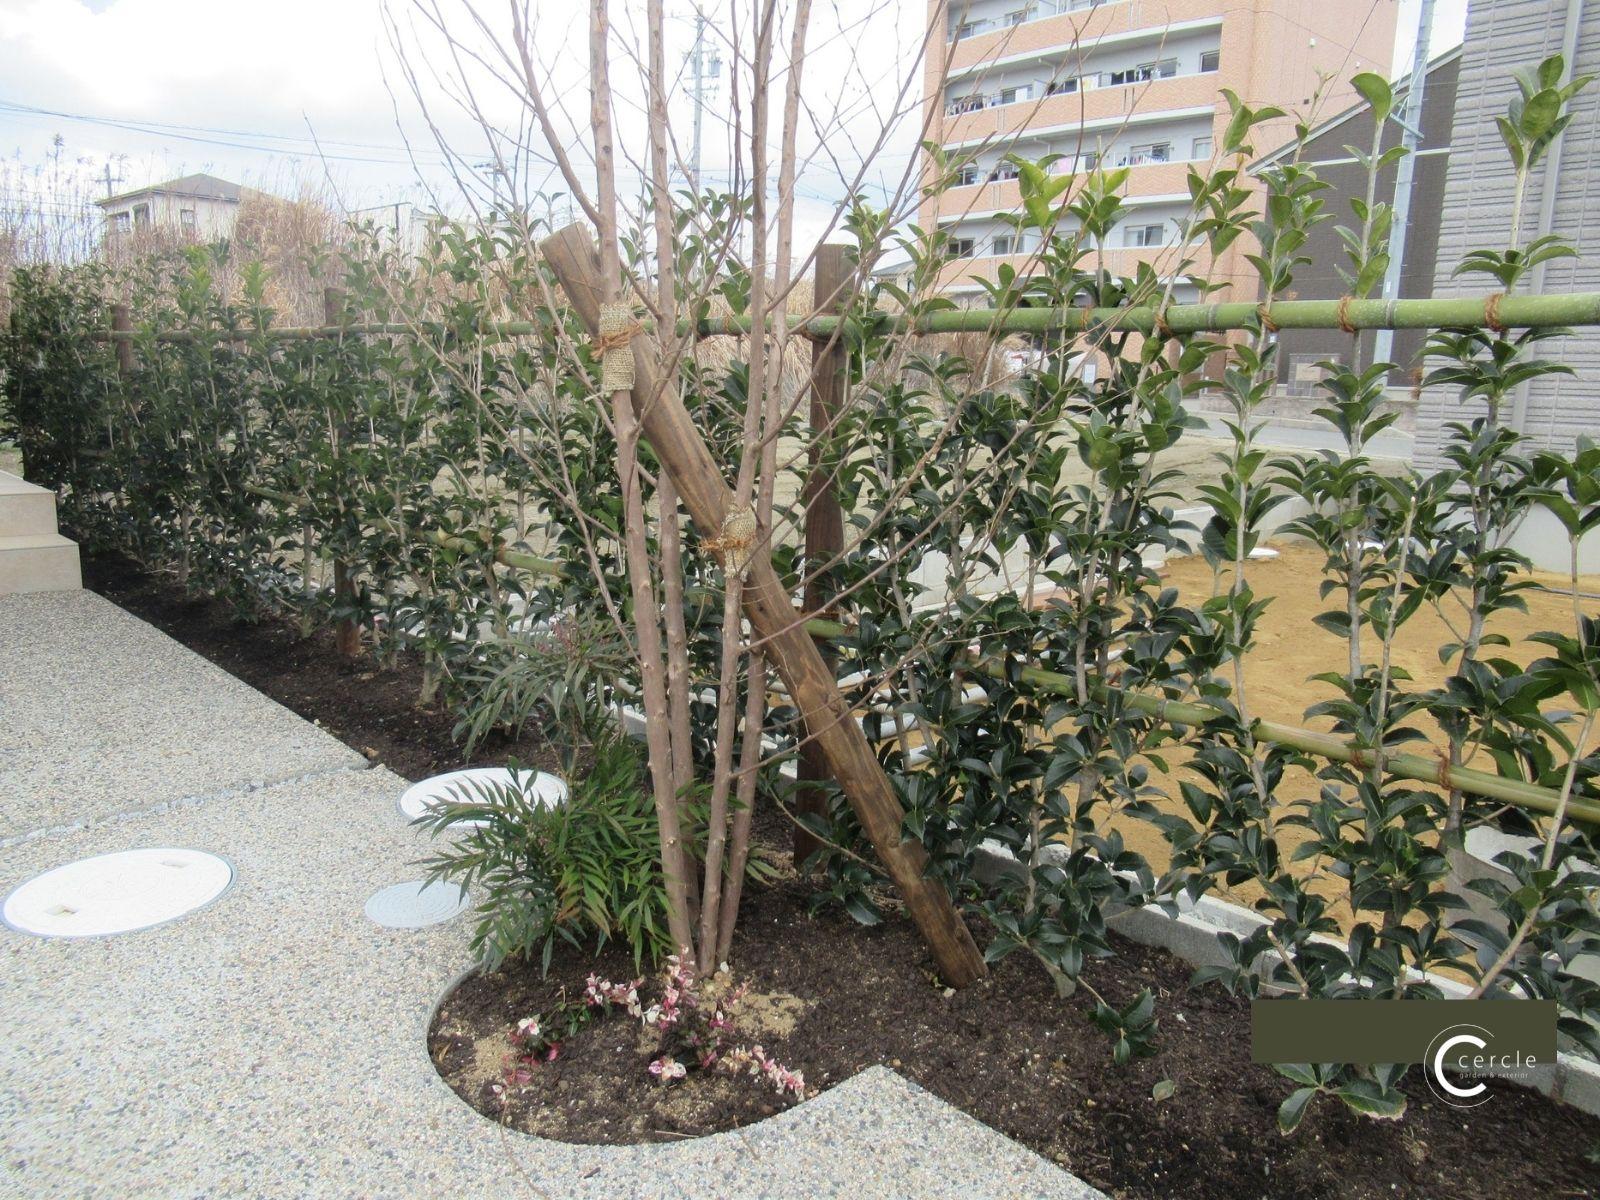 【鈴鹿市】シンボルツリーを活かして玄関を隠す